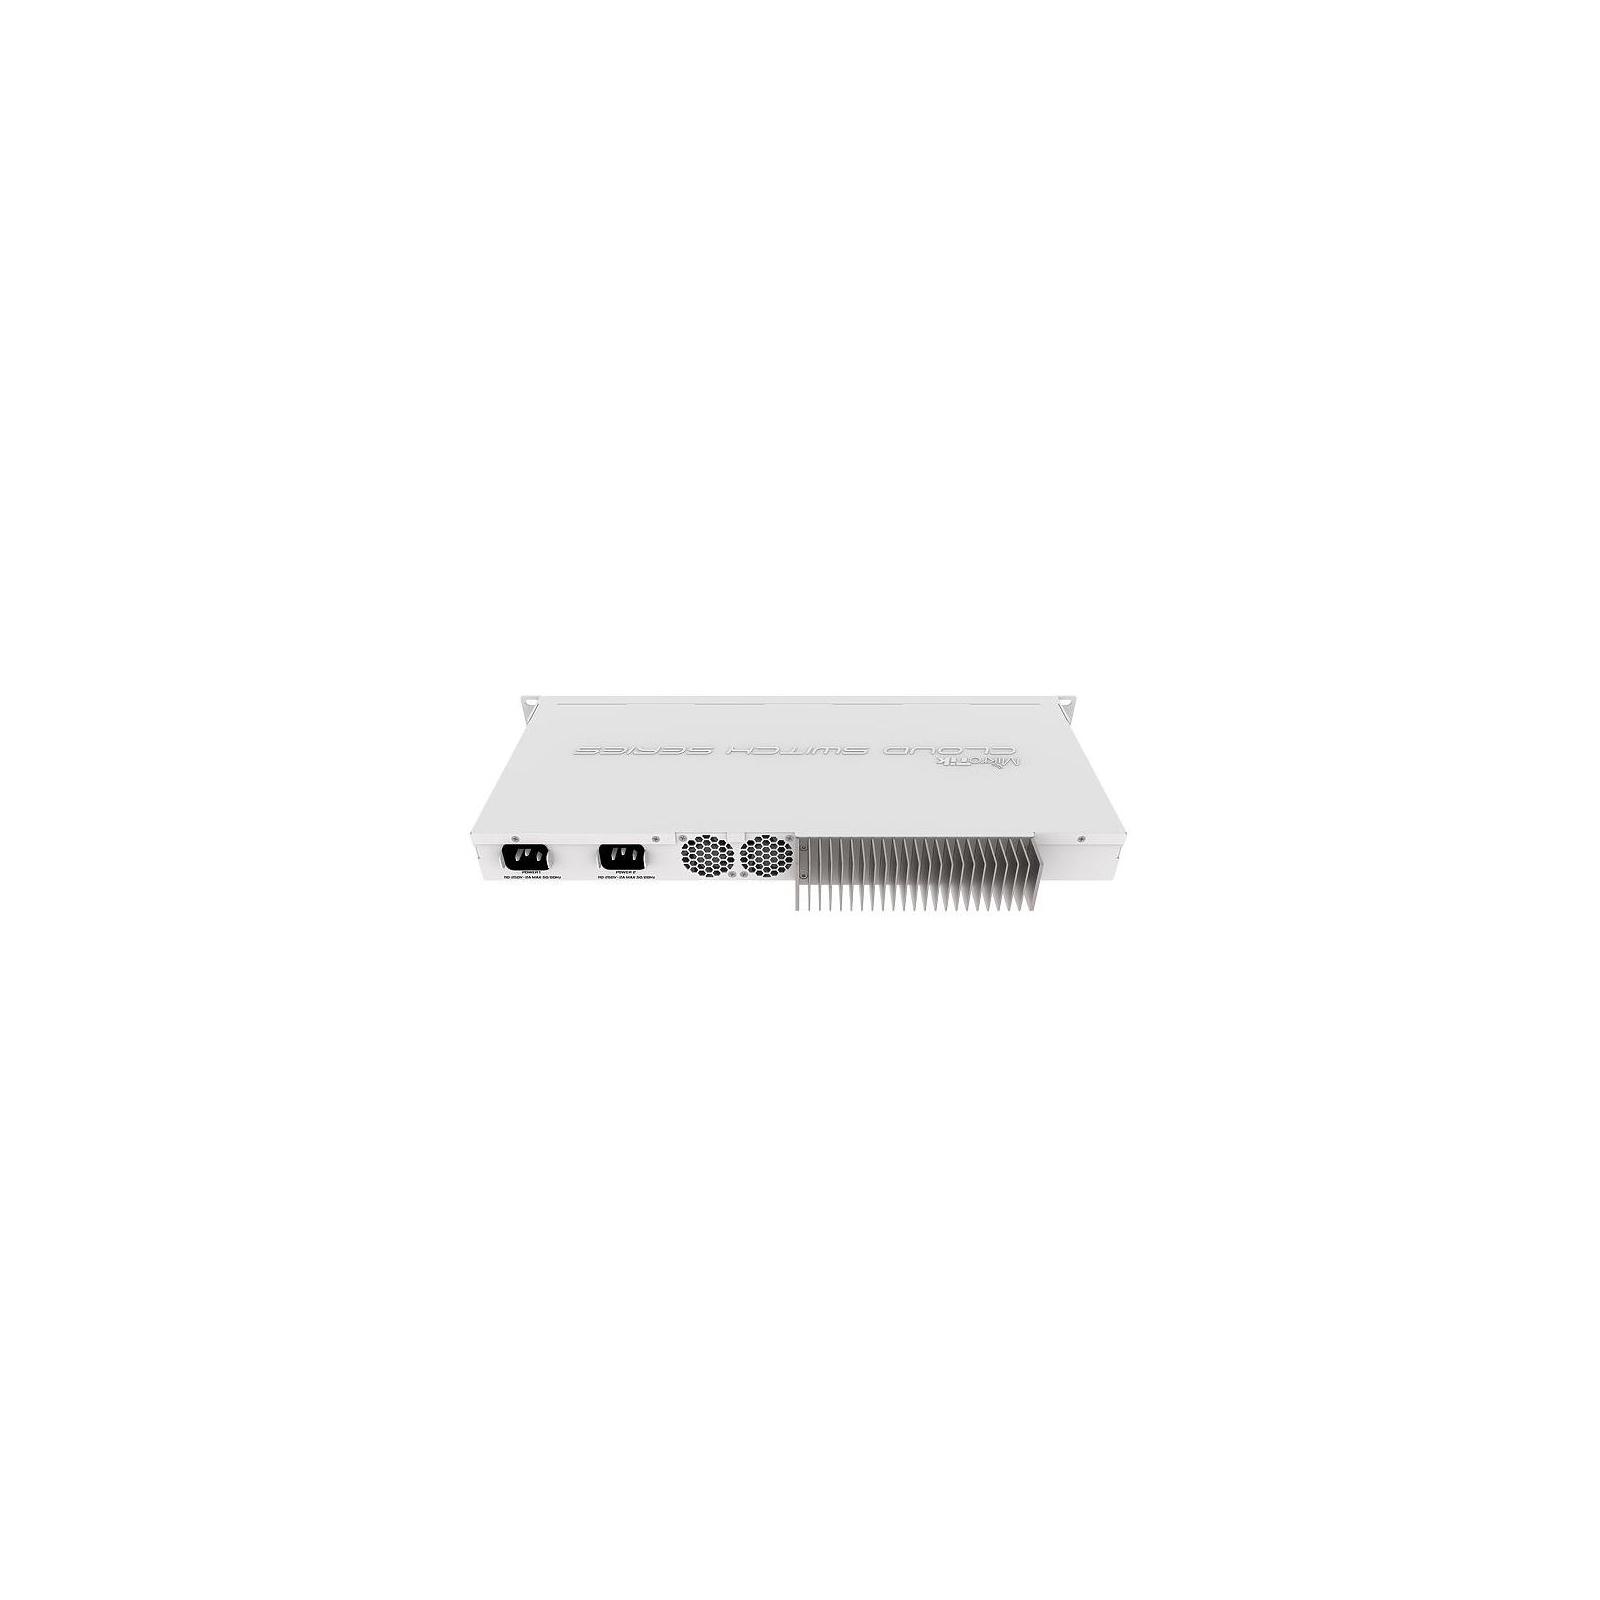 Коммутатор сетевой Mikrotik CRS317-1G-16S+RM изображение 2